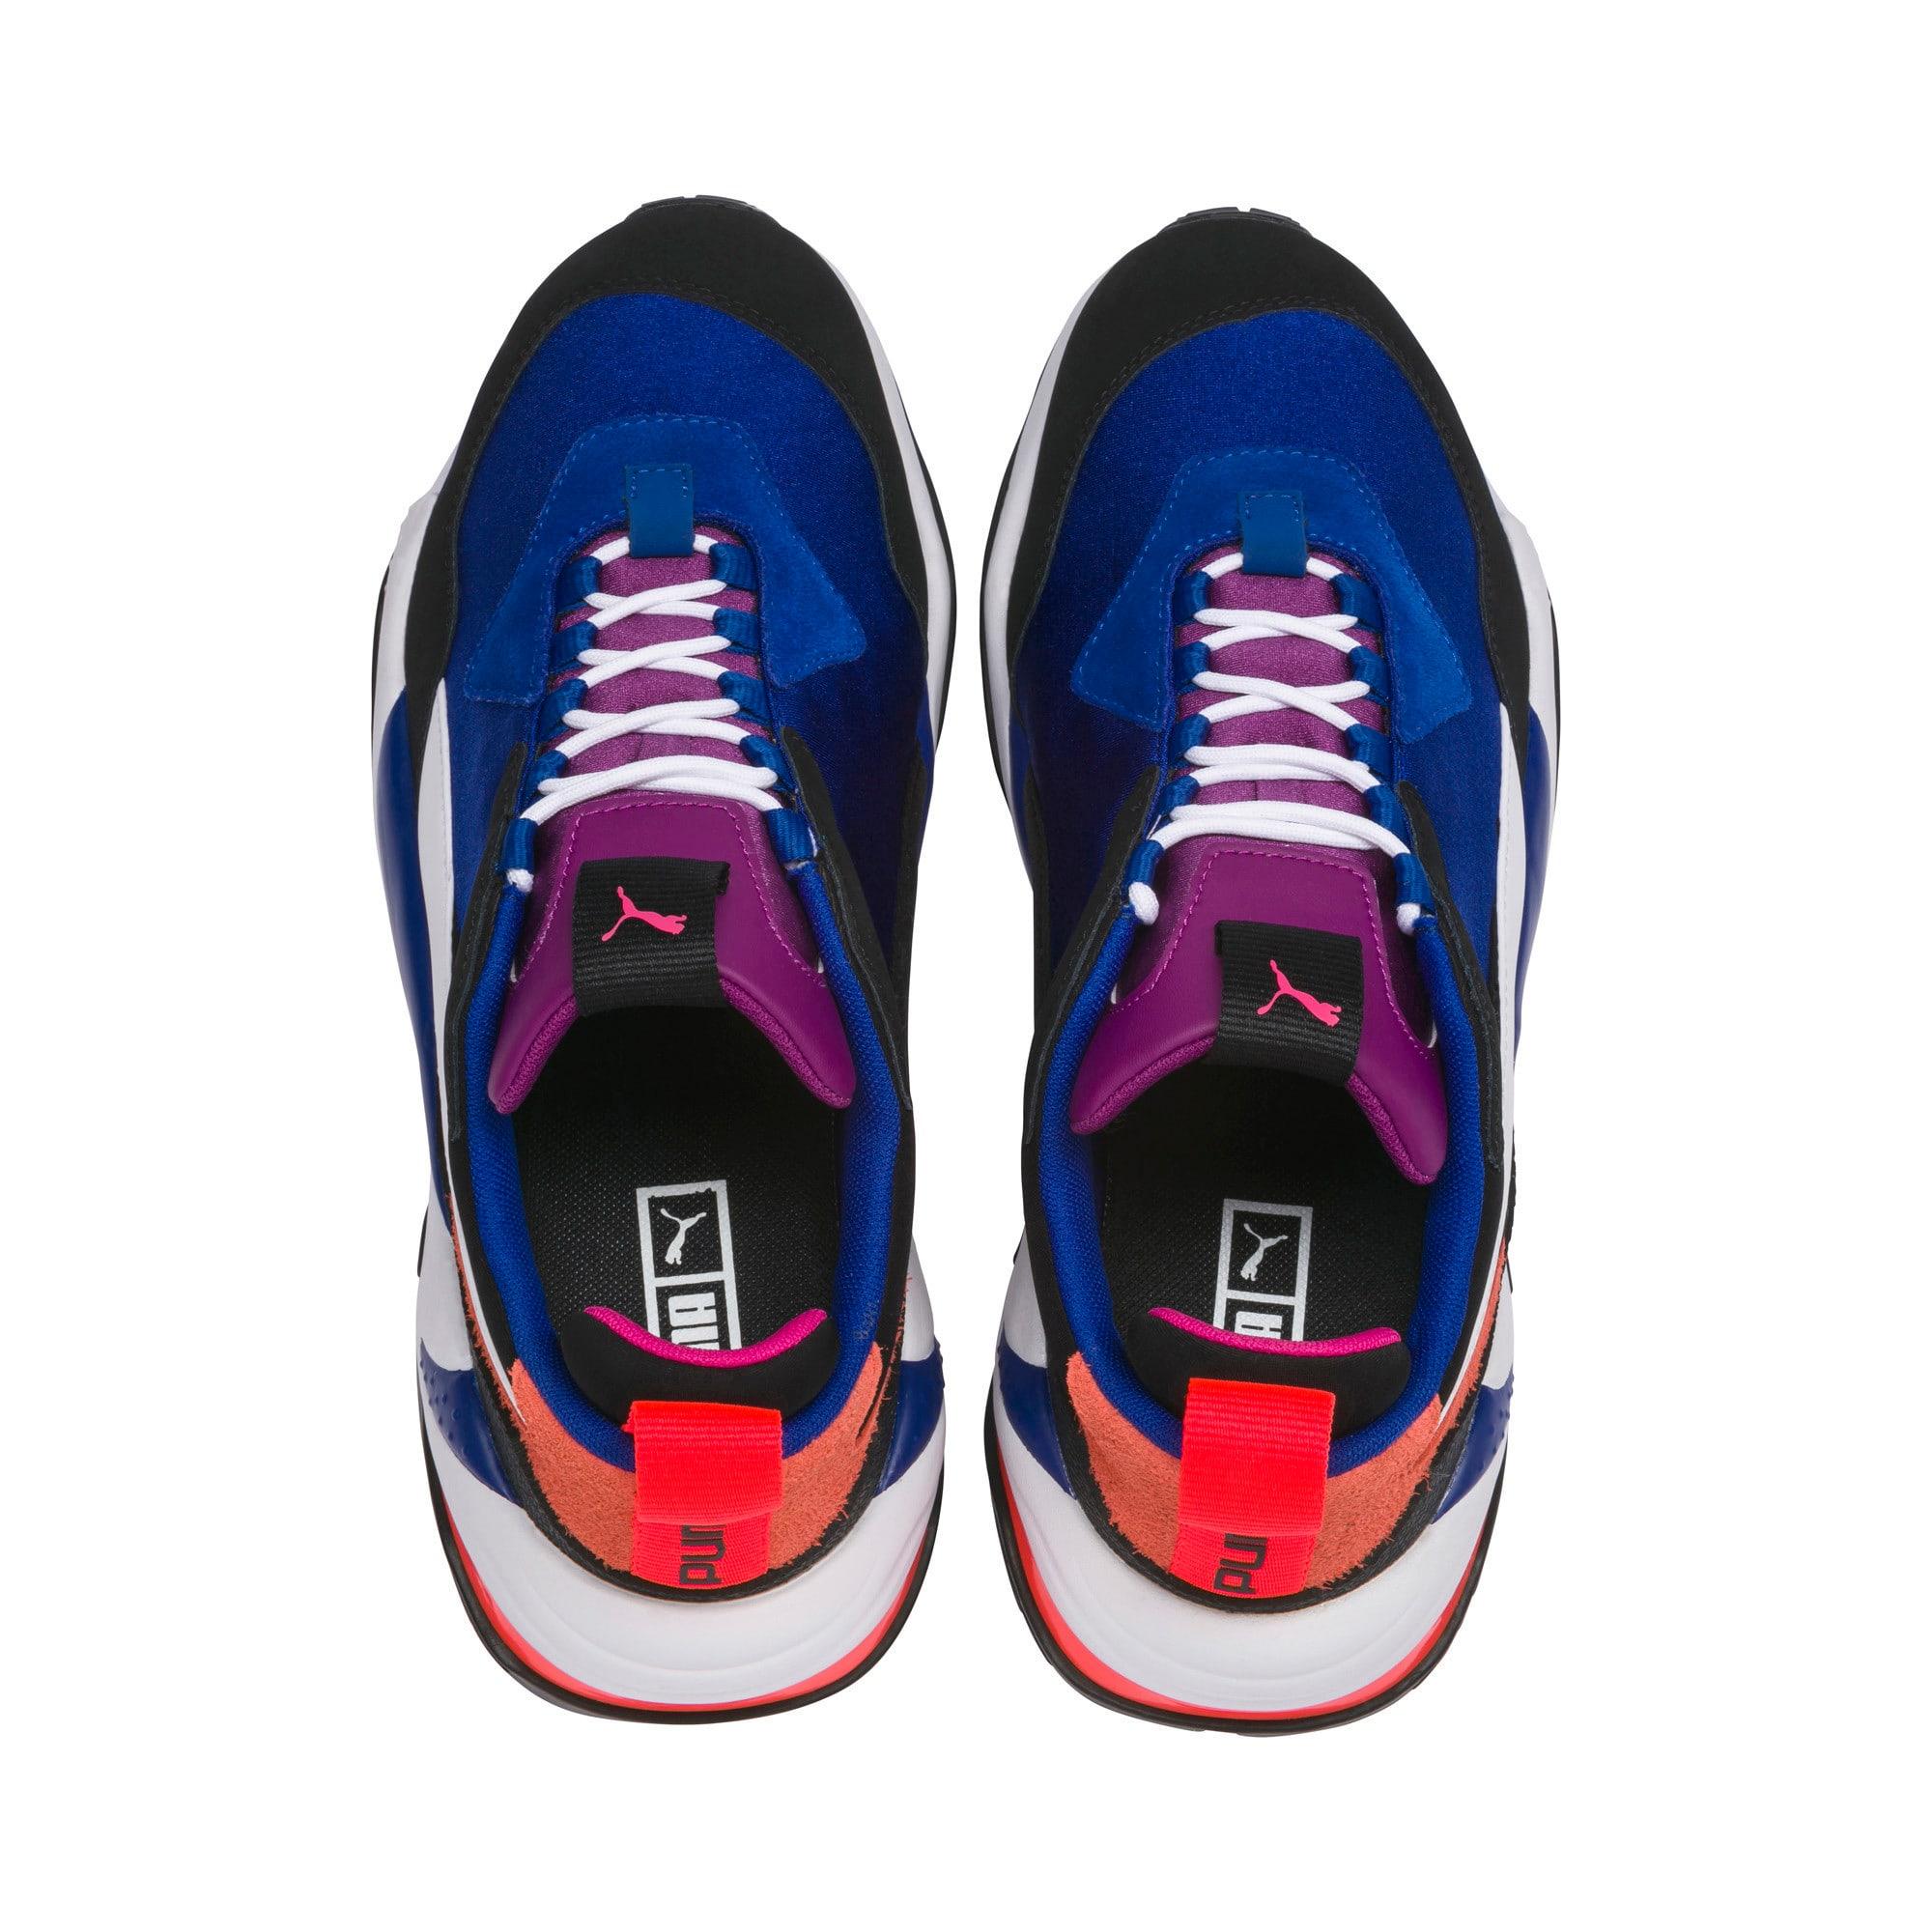 Miniatura 7 de Zapatos deportivos Thunder 4 Life, Surf The Web-Puma White, mediano